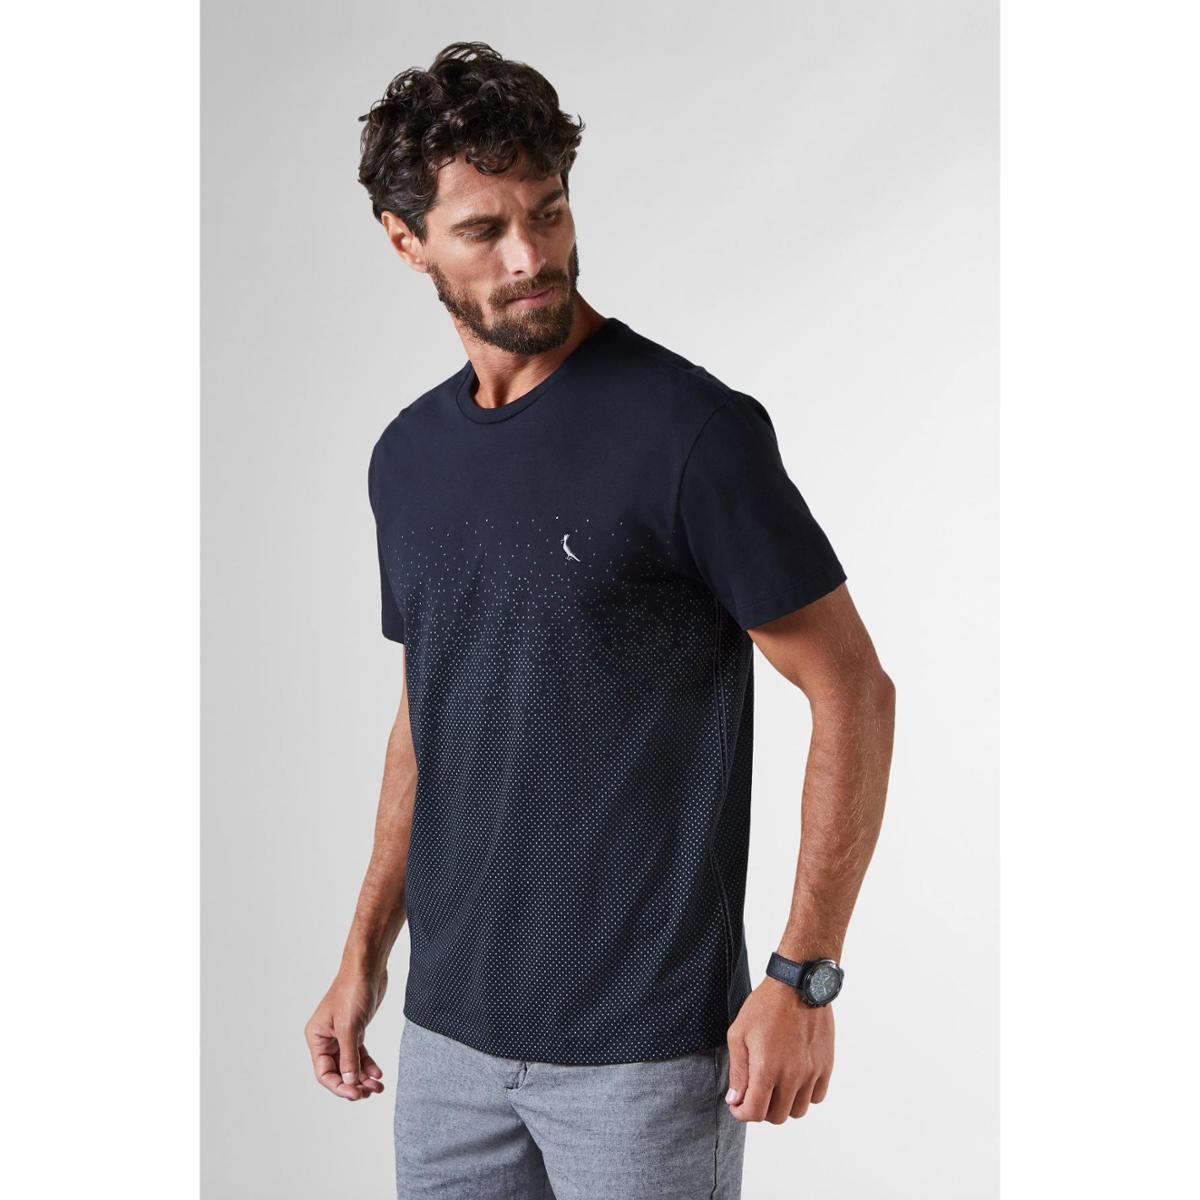 Camiseta Pois Degrade Reserva Masculina - Compre Agora  418e975c024bf